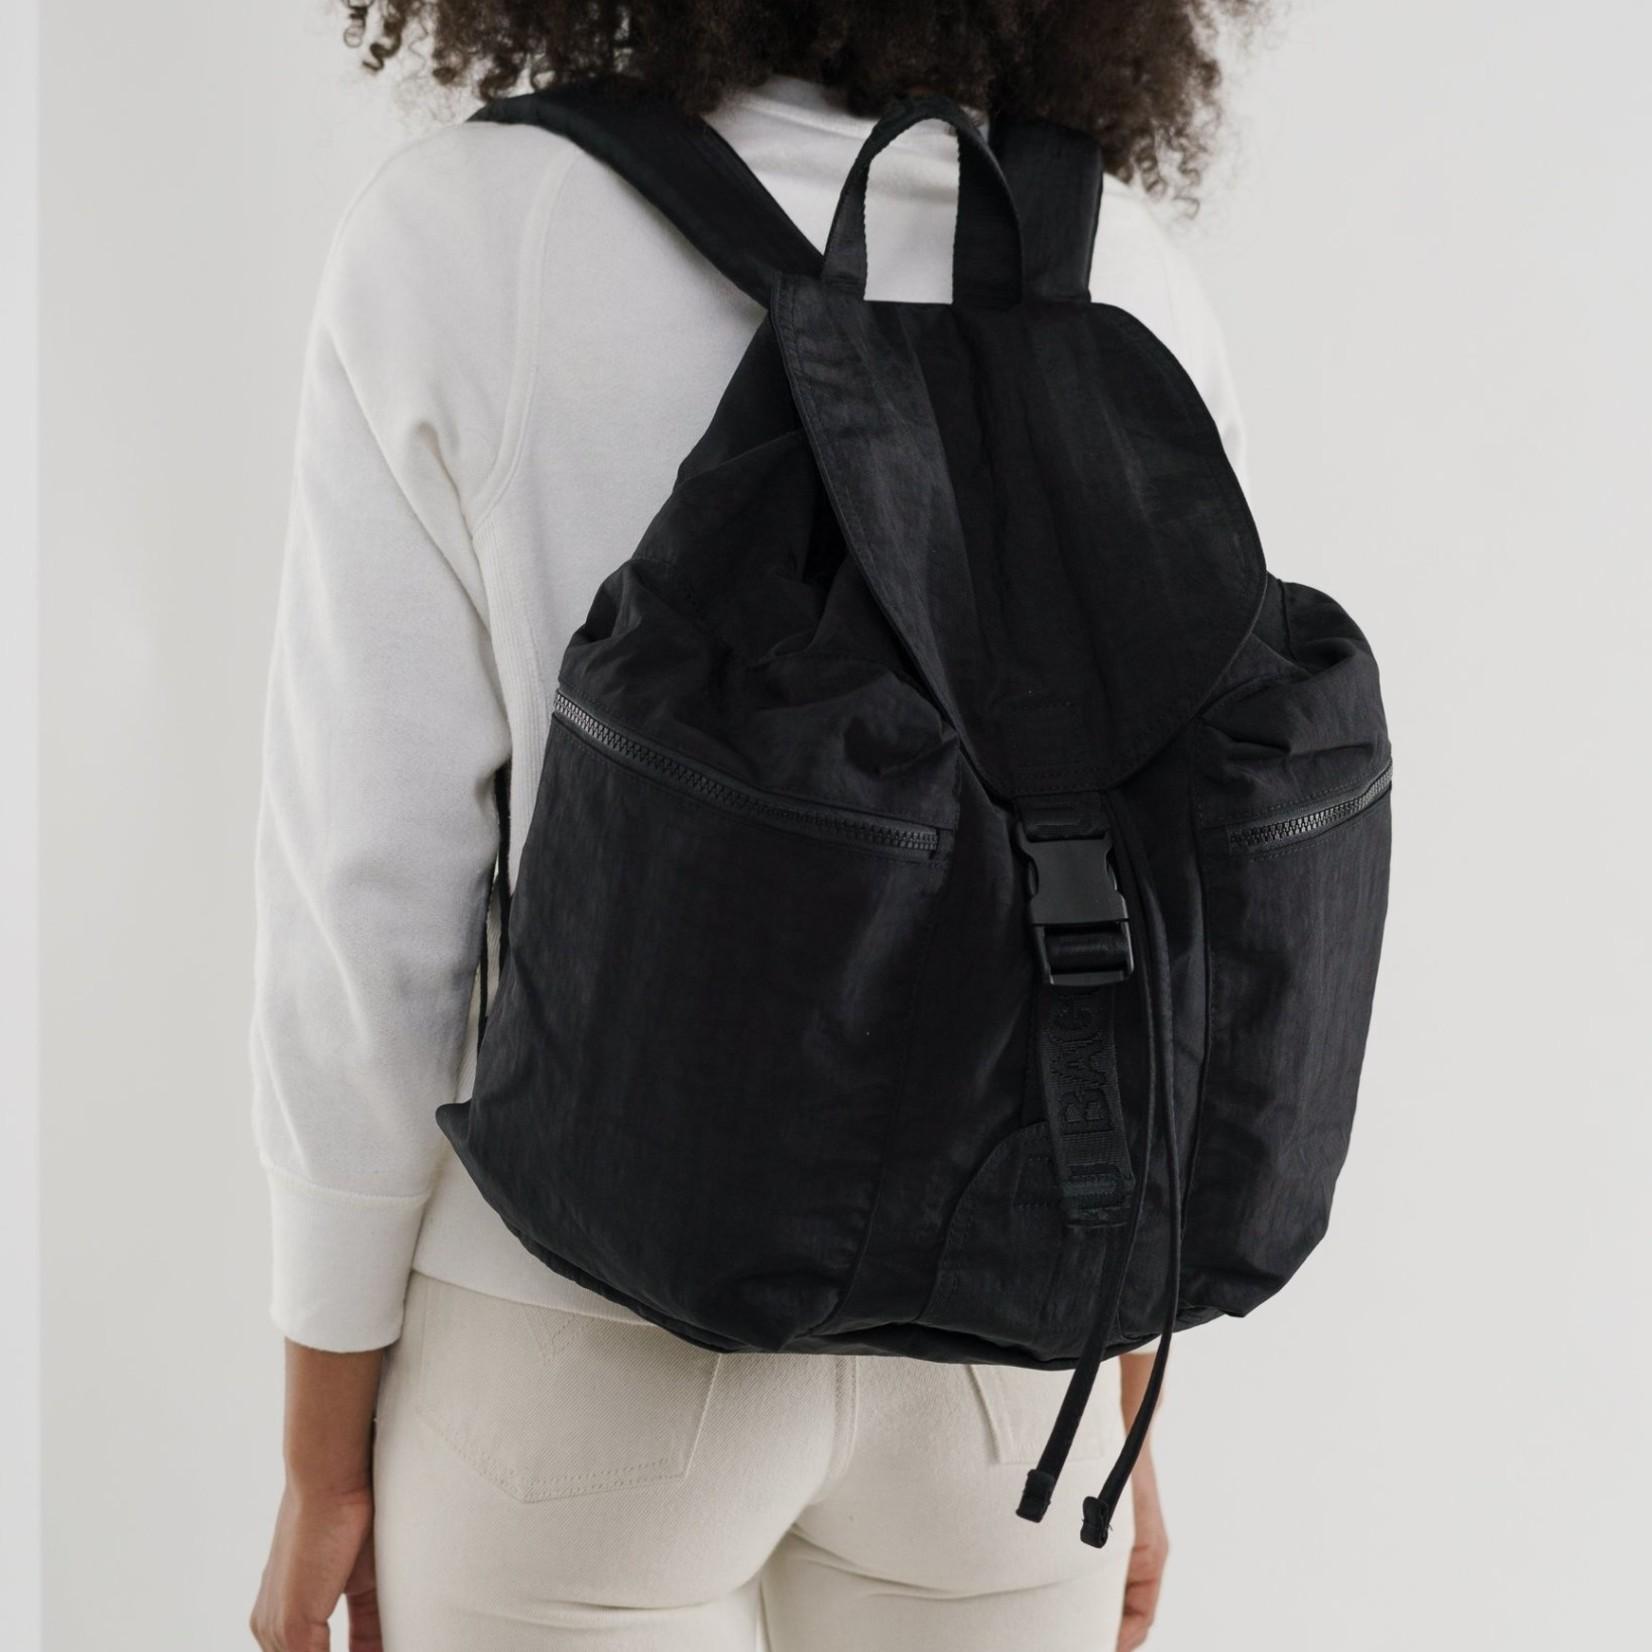 Baggu Baggu Sport Backpack Black Large